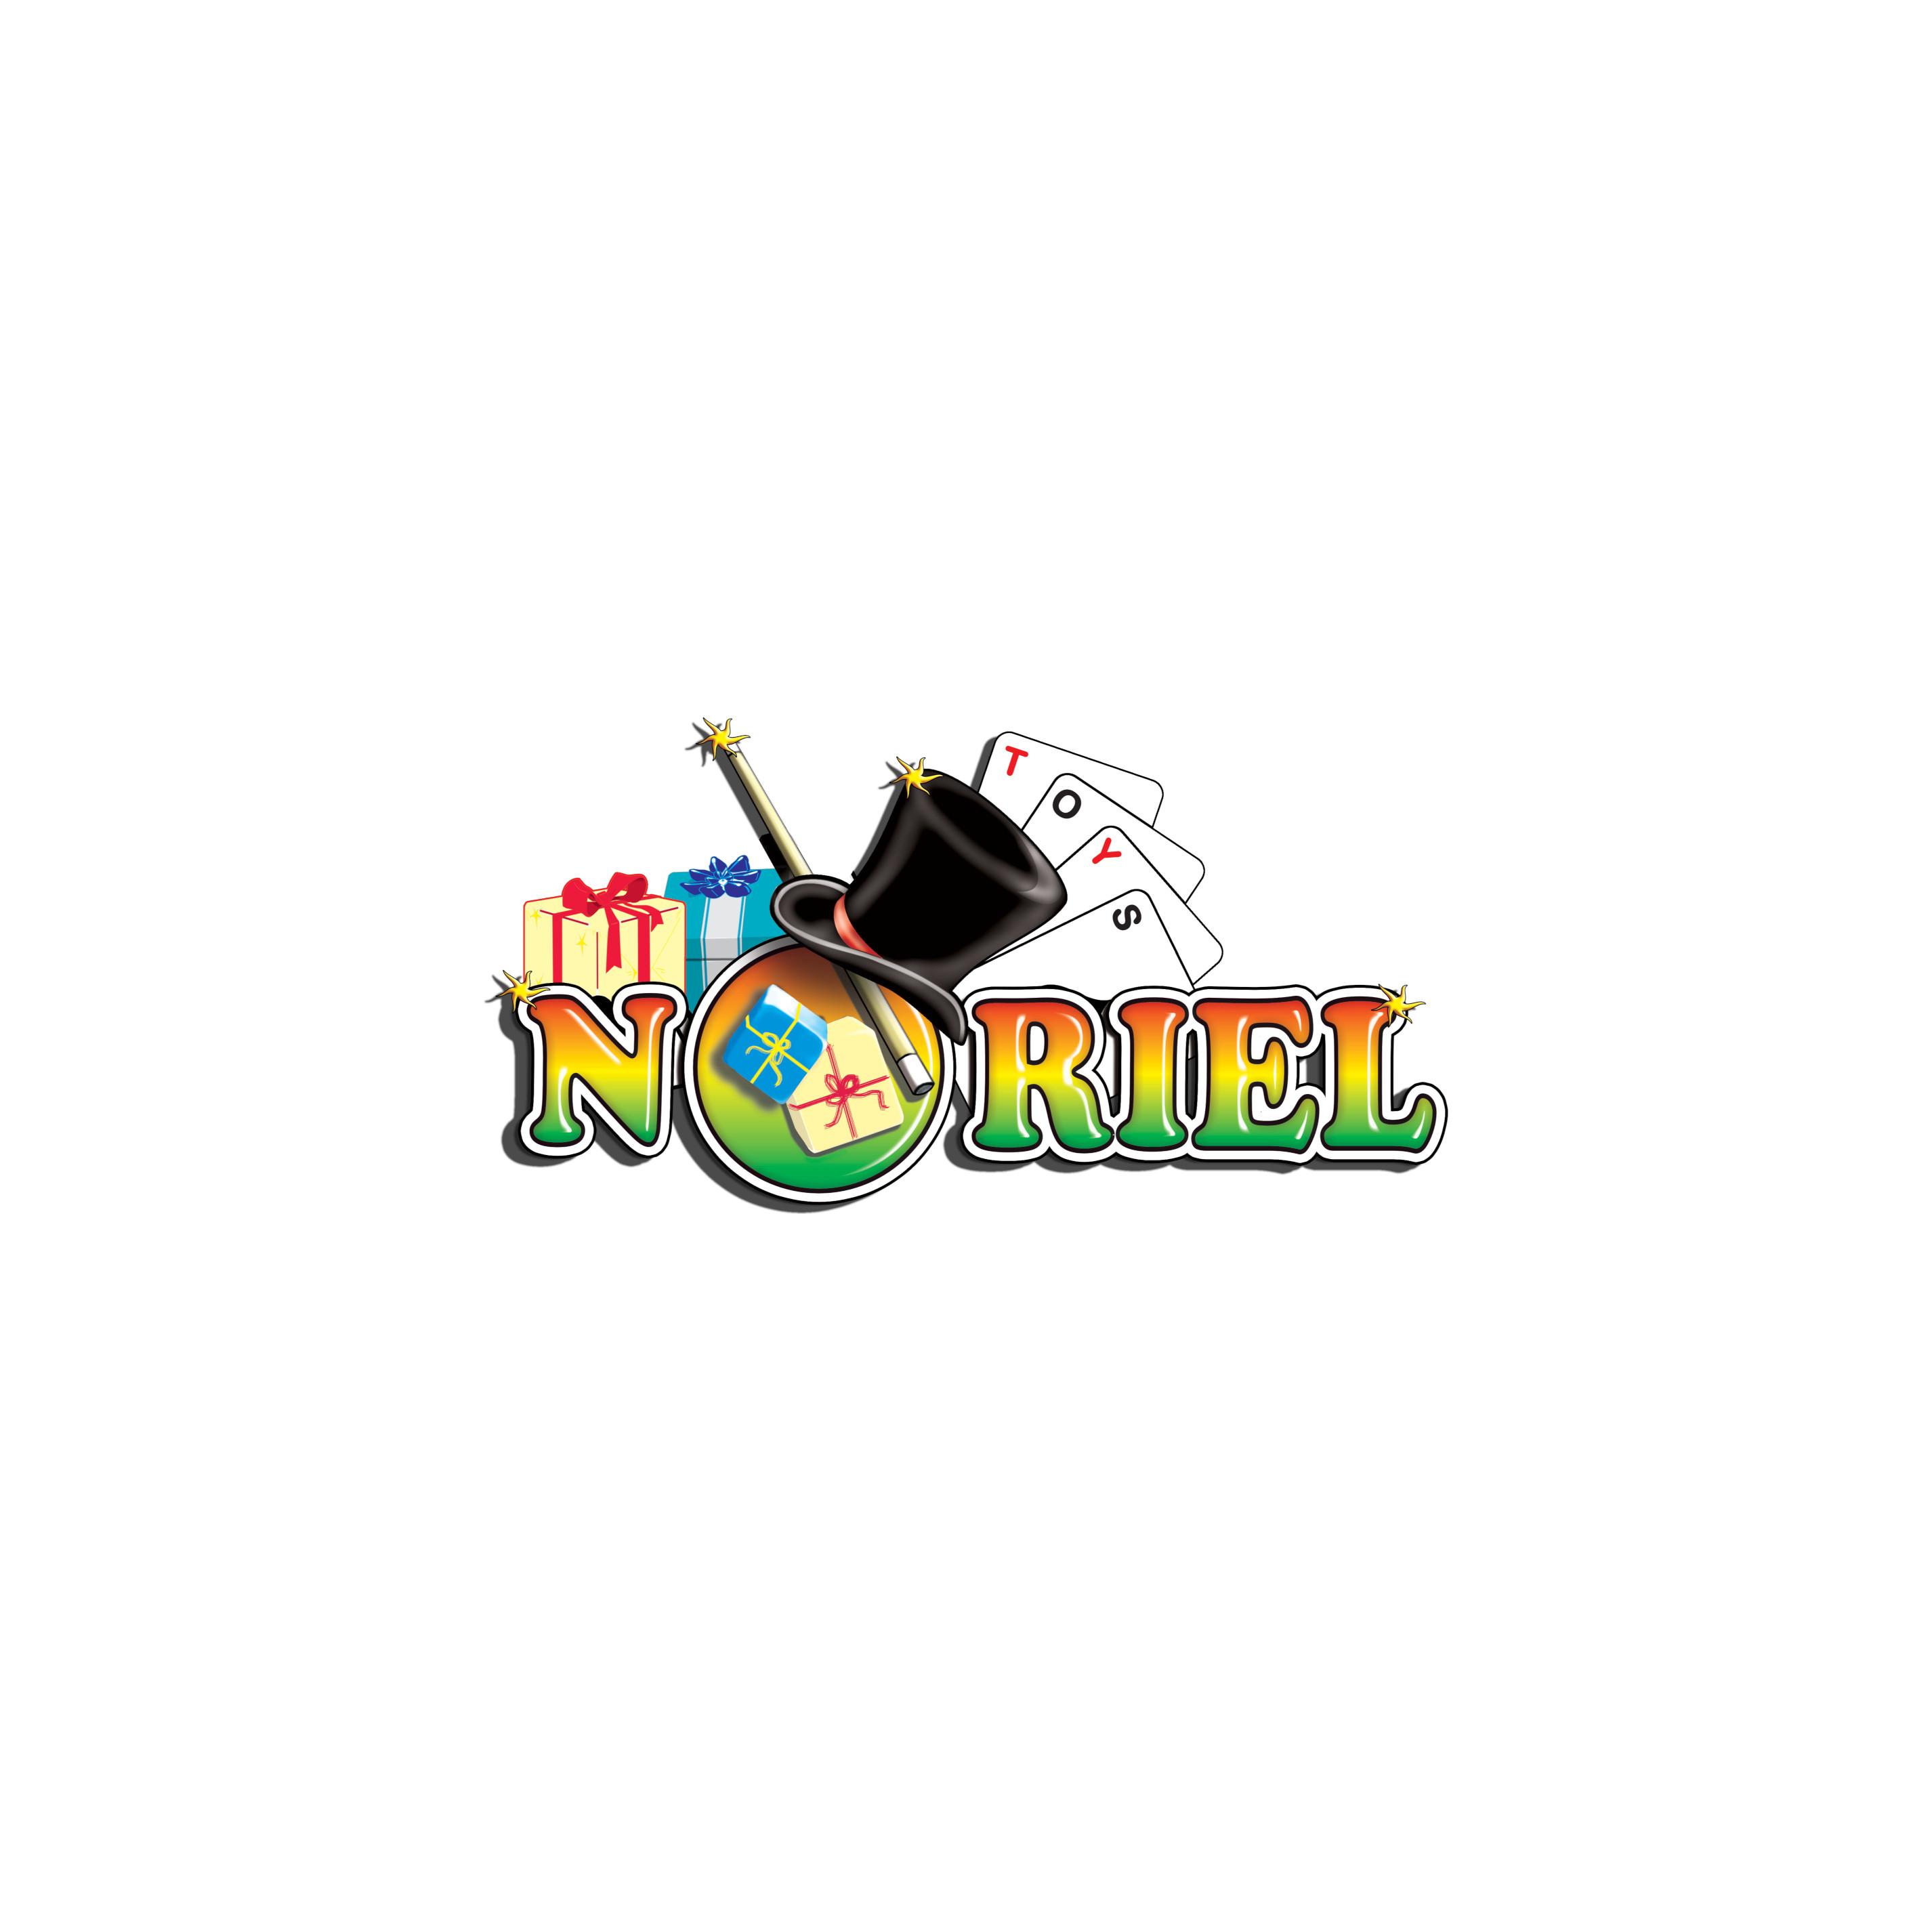 K200TS_001w Prima mea chitara Toy Story 4, 53 cm